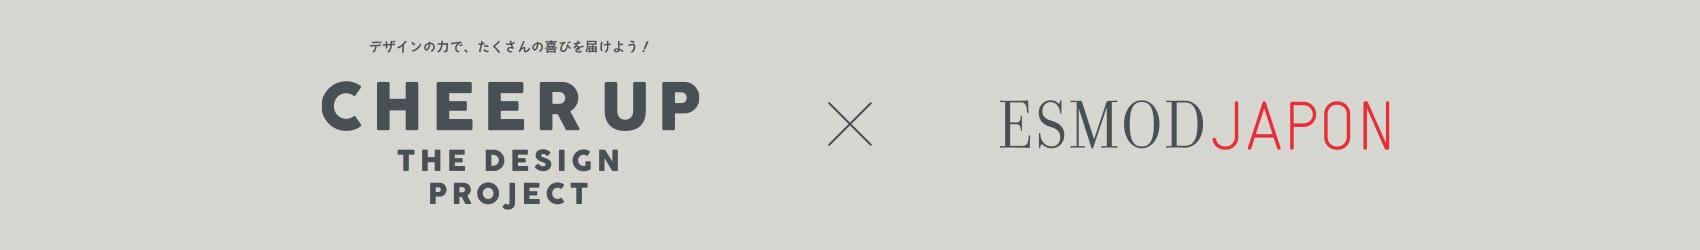 CHEER UP PROJECT×ESMOD  レイ・カズンが学生デザインのワンピースを商品化! 全16デザインの中から最優秀作品が決定